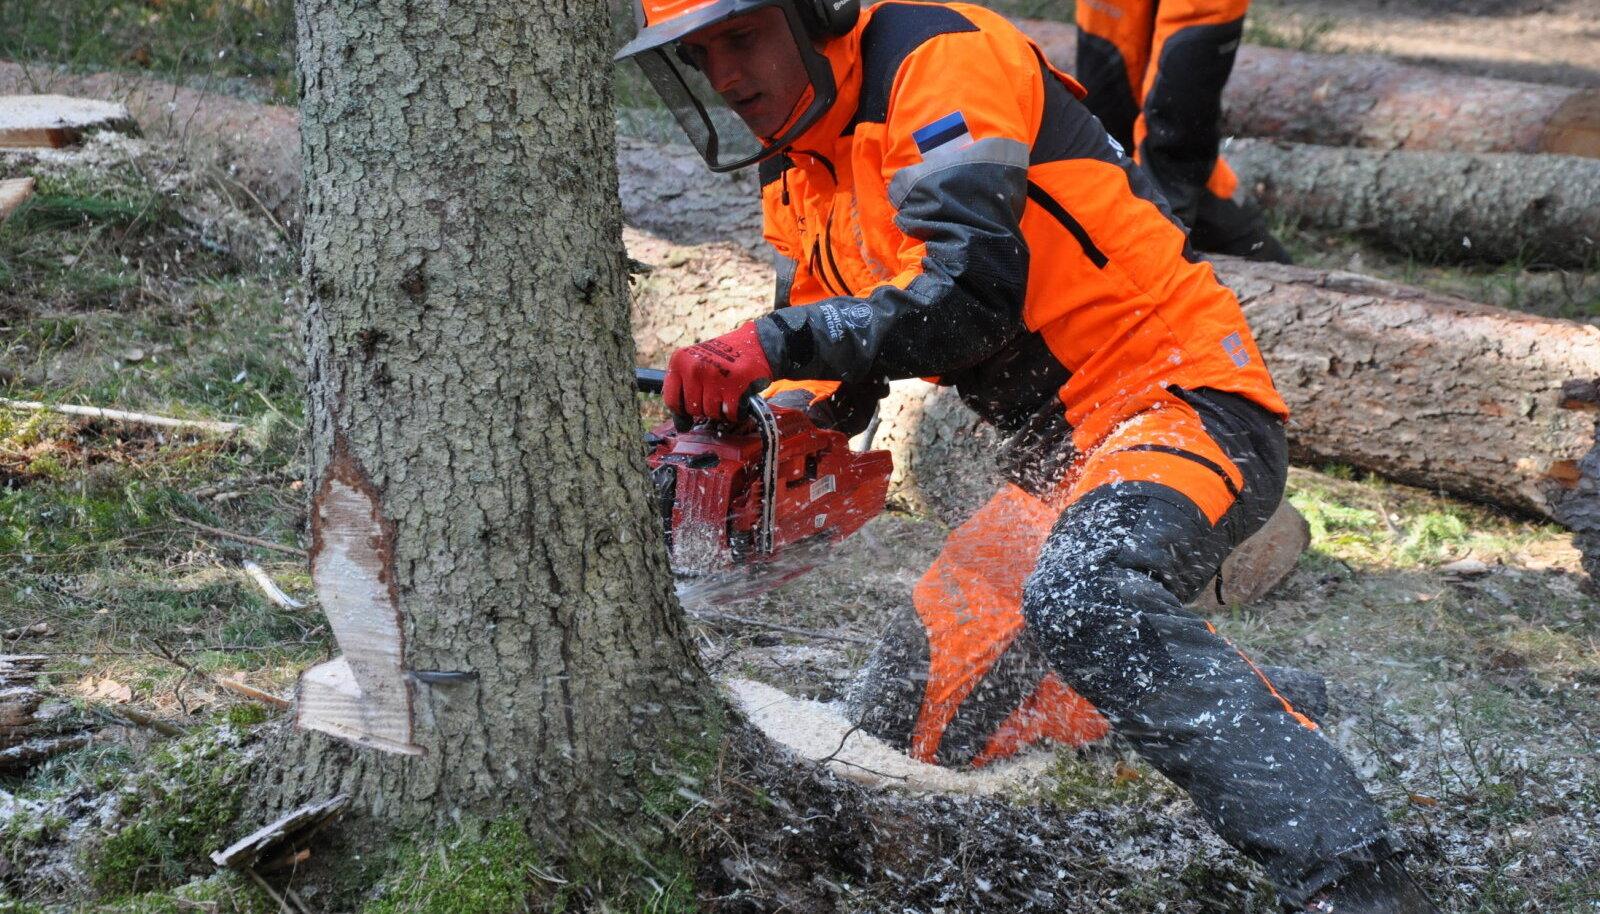 Kuigi metsatöö käib tänapäeval peamiselt masinatega, on tulevastel metsameestel vaja omandada ka käsitsitöö oskused.